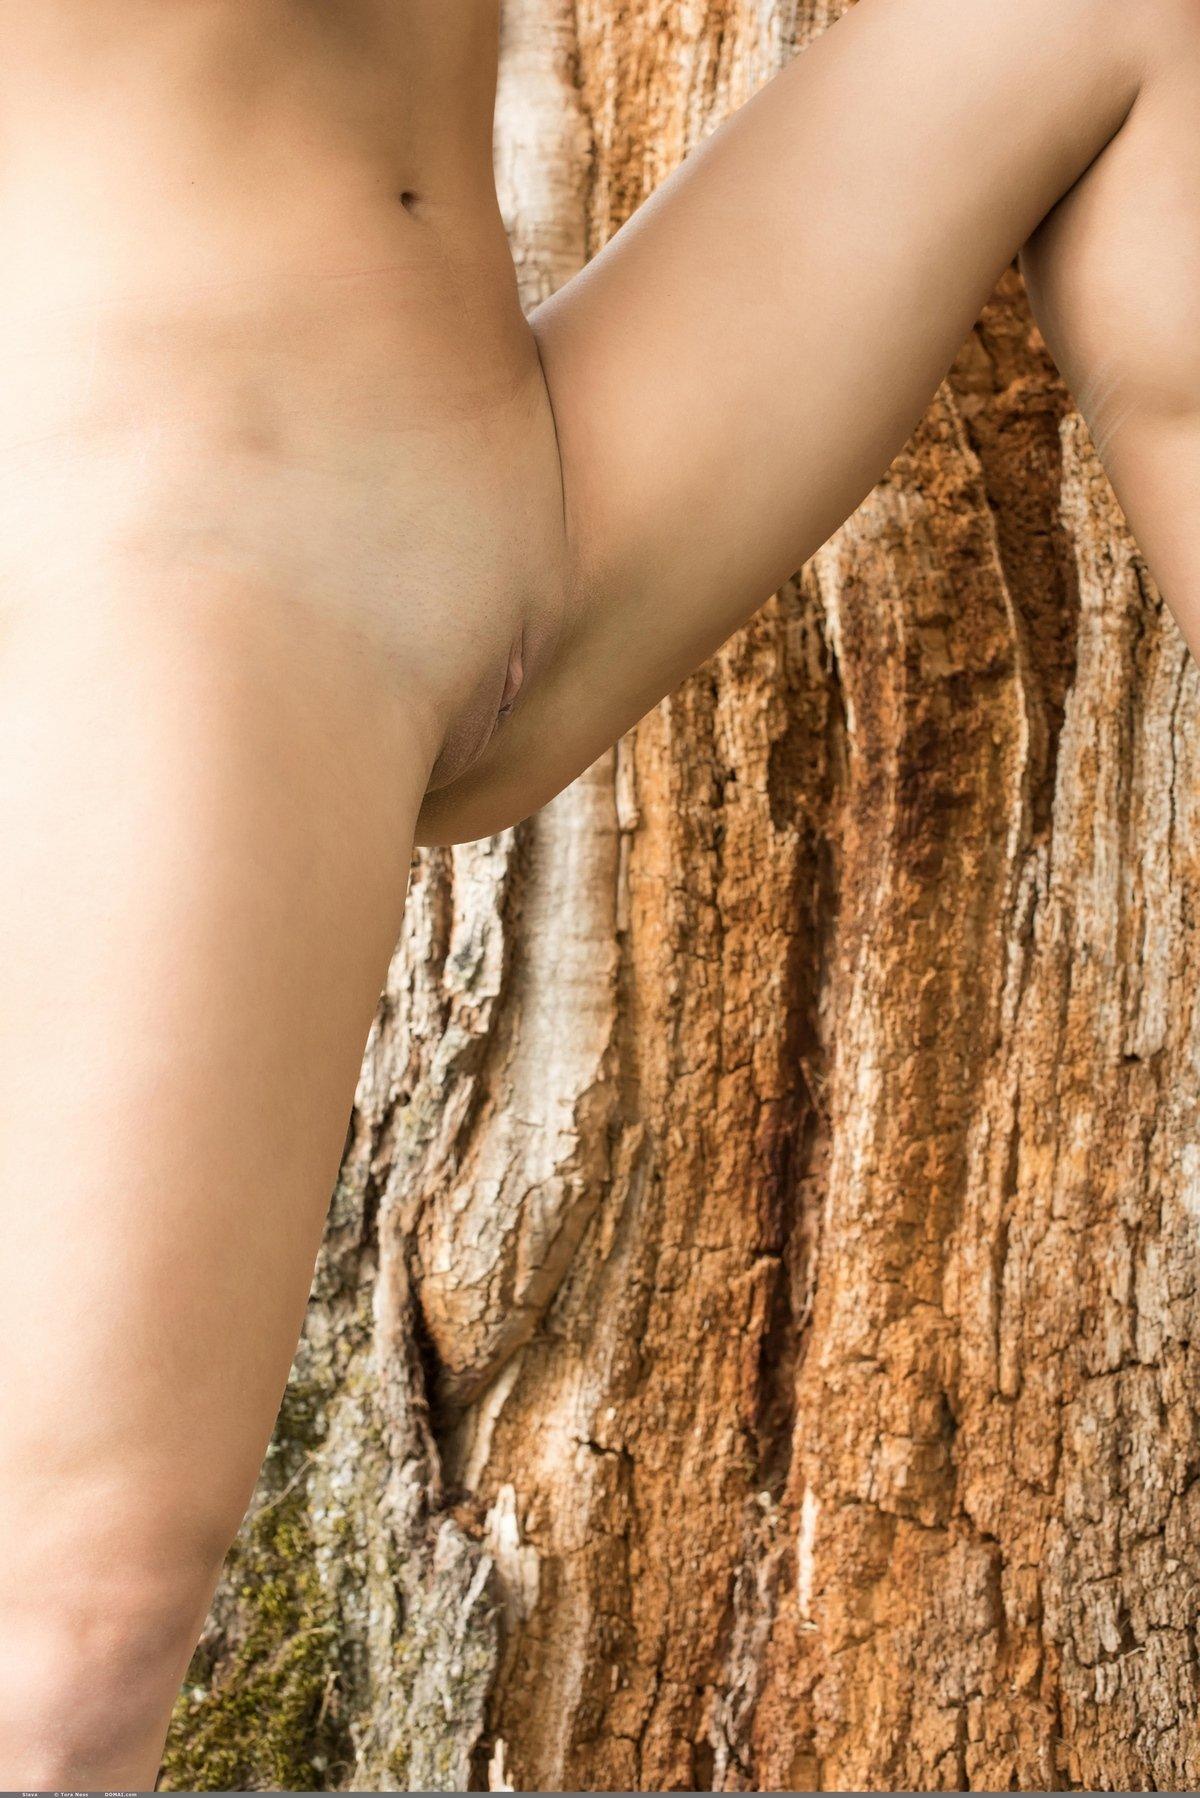 Молодая девка без нижнего белья под деревом